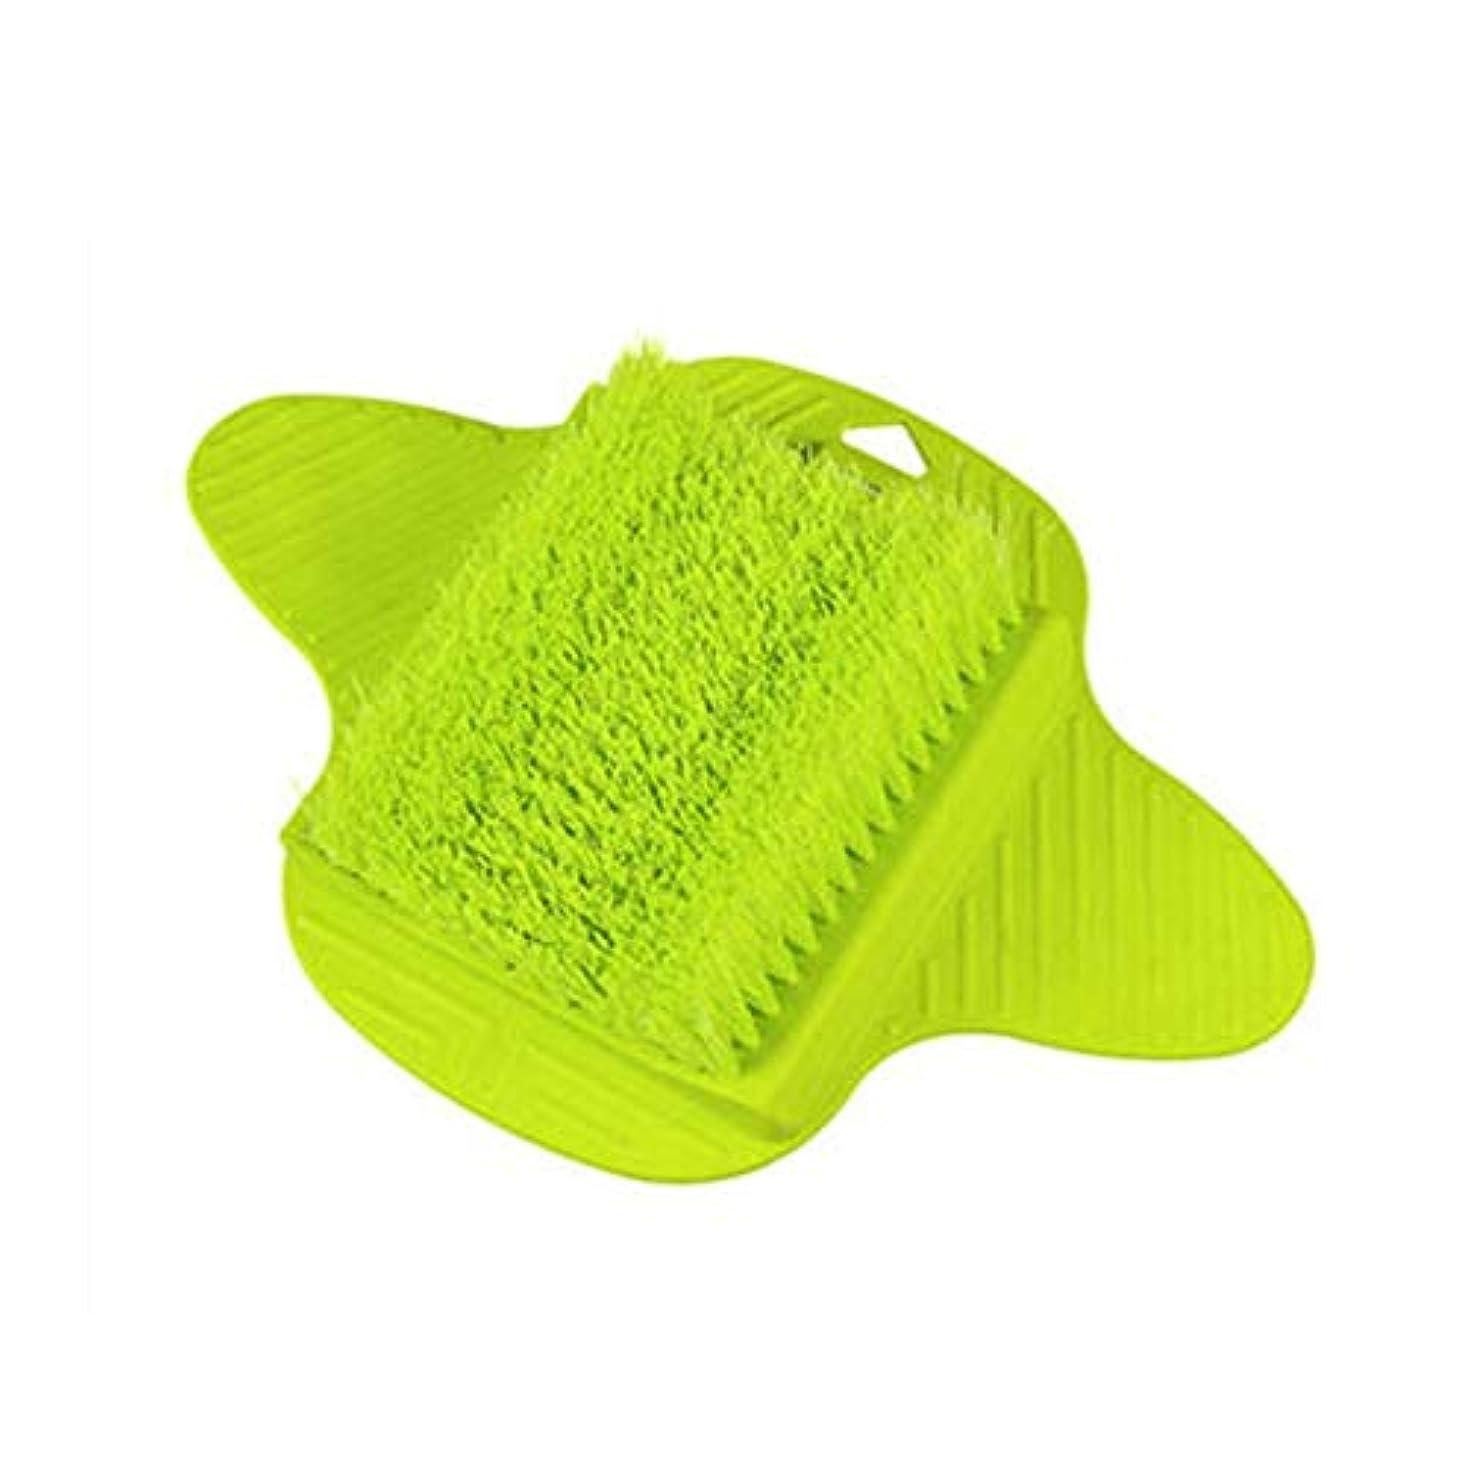 浴室対帽子AAcreatspace Foot Massage Brush Relax Relief Scrub Massager Spa Shower Feet Care Exfoliating Remove Dead Skin Cleaning Scrubber Bathroom